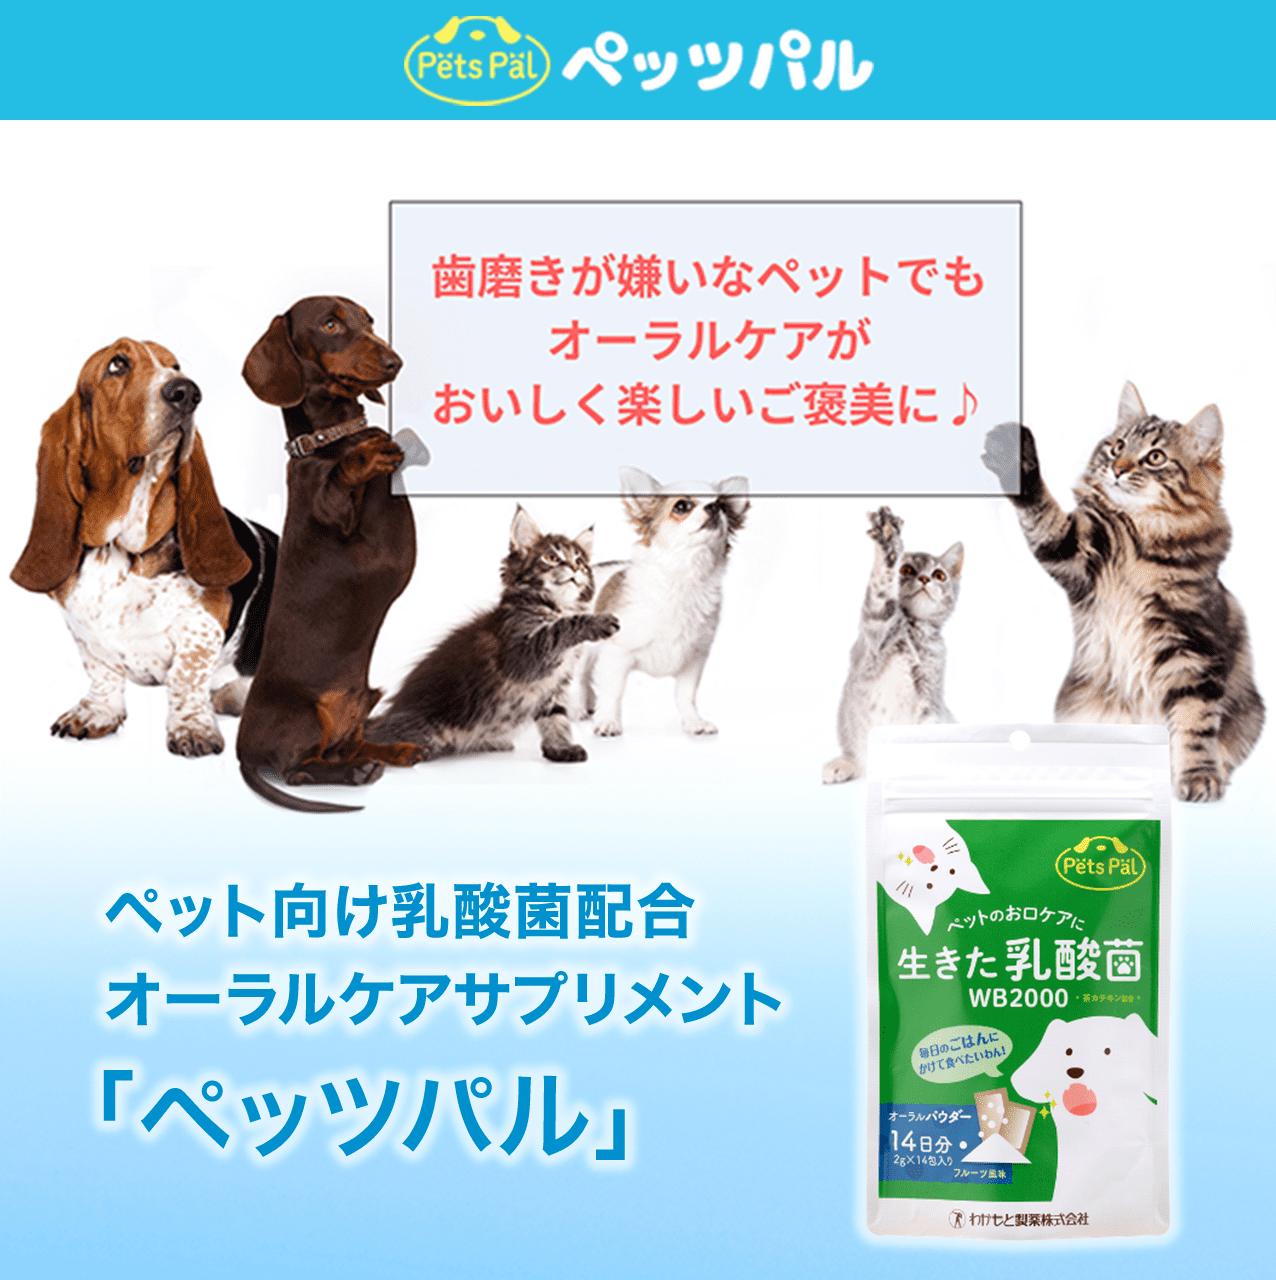 ペット向け乳酸菌配合 オーラルケアサプリメント「ペッツパル」